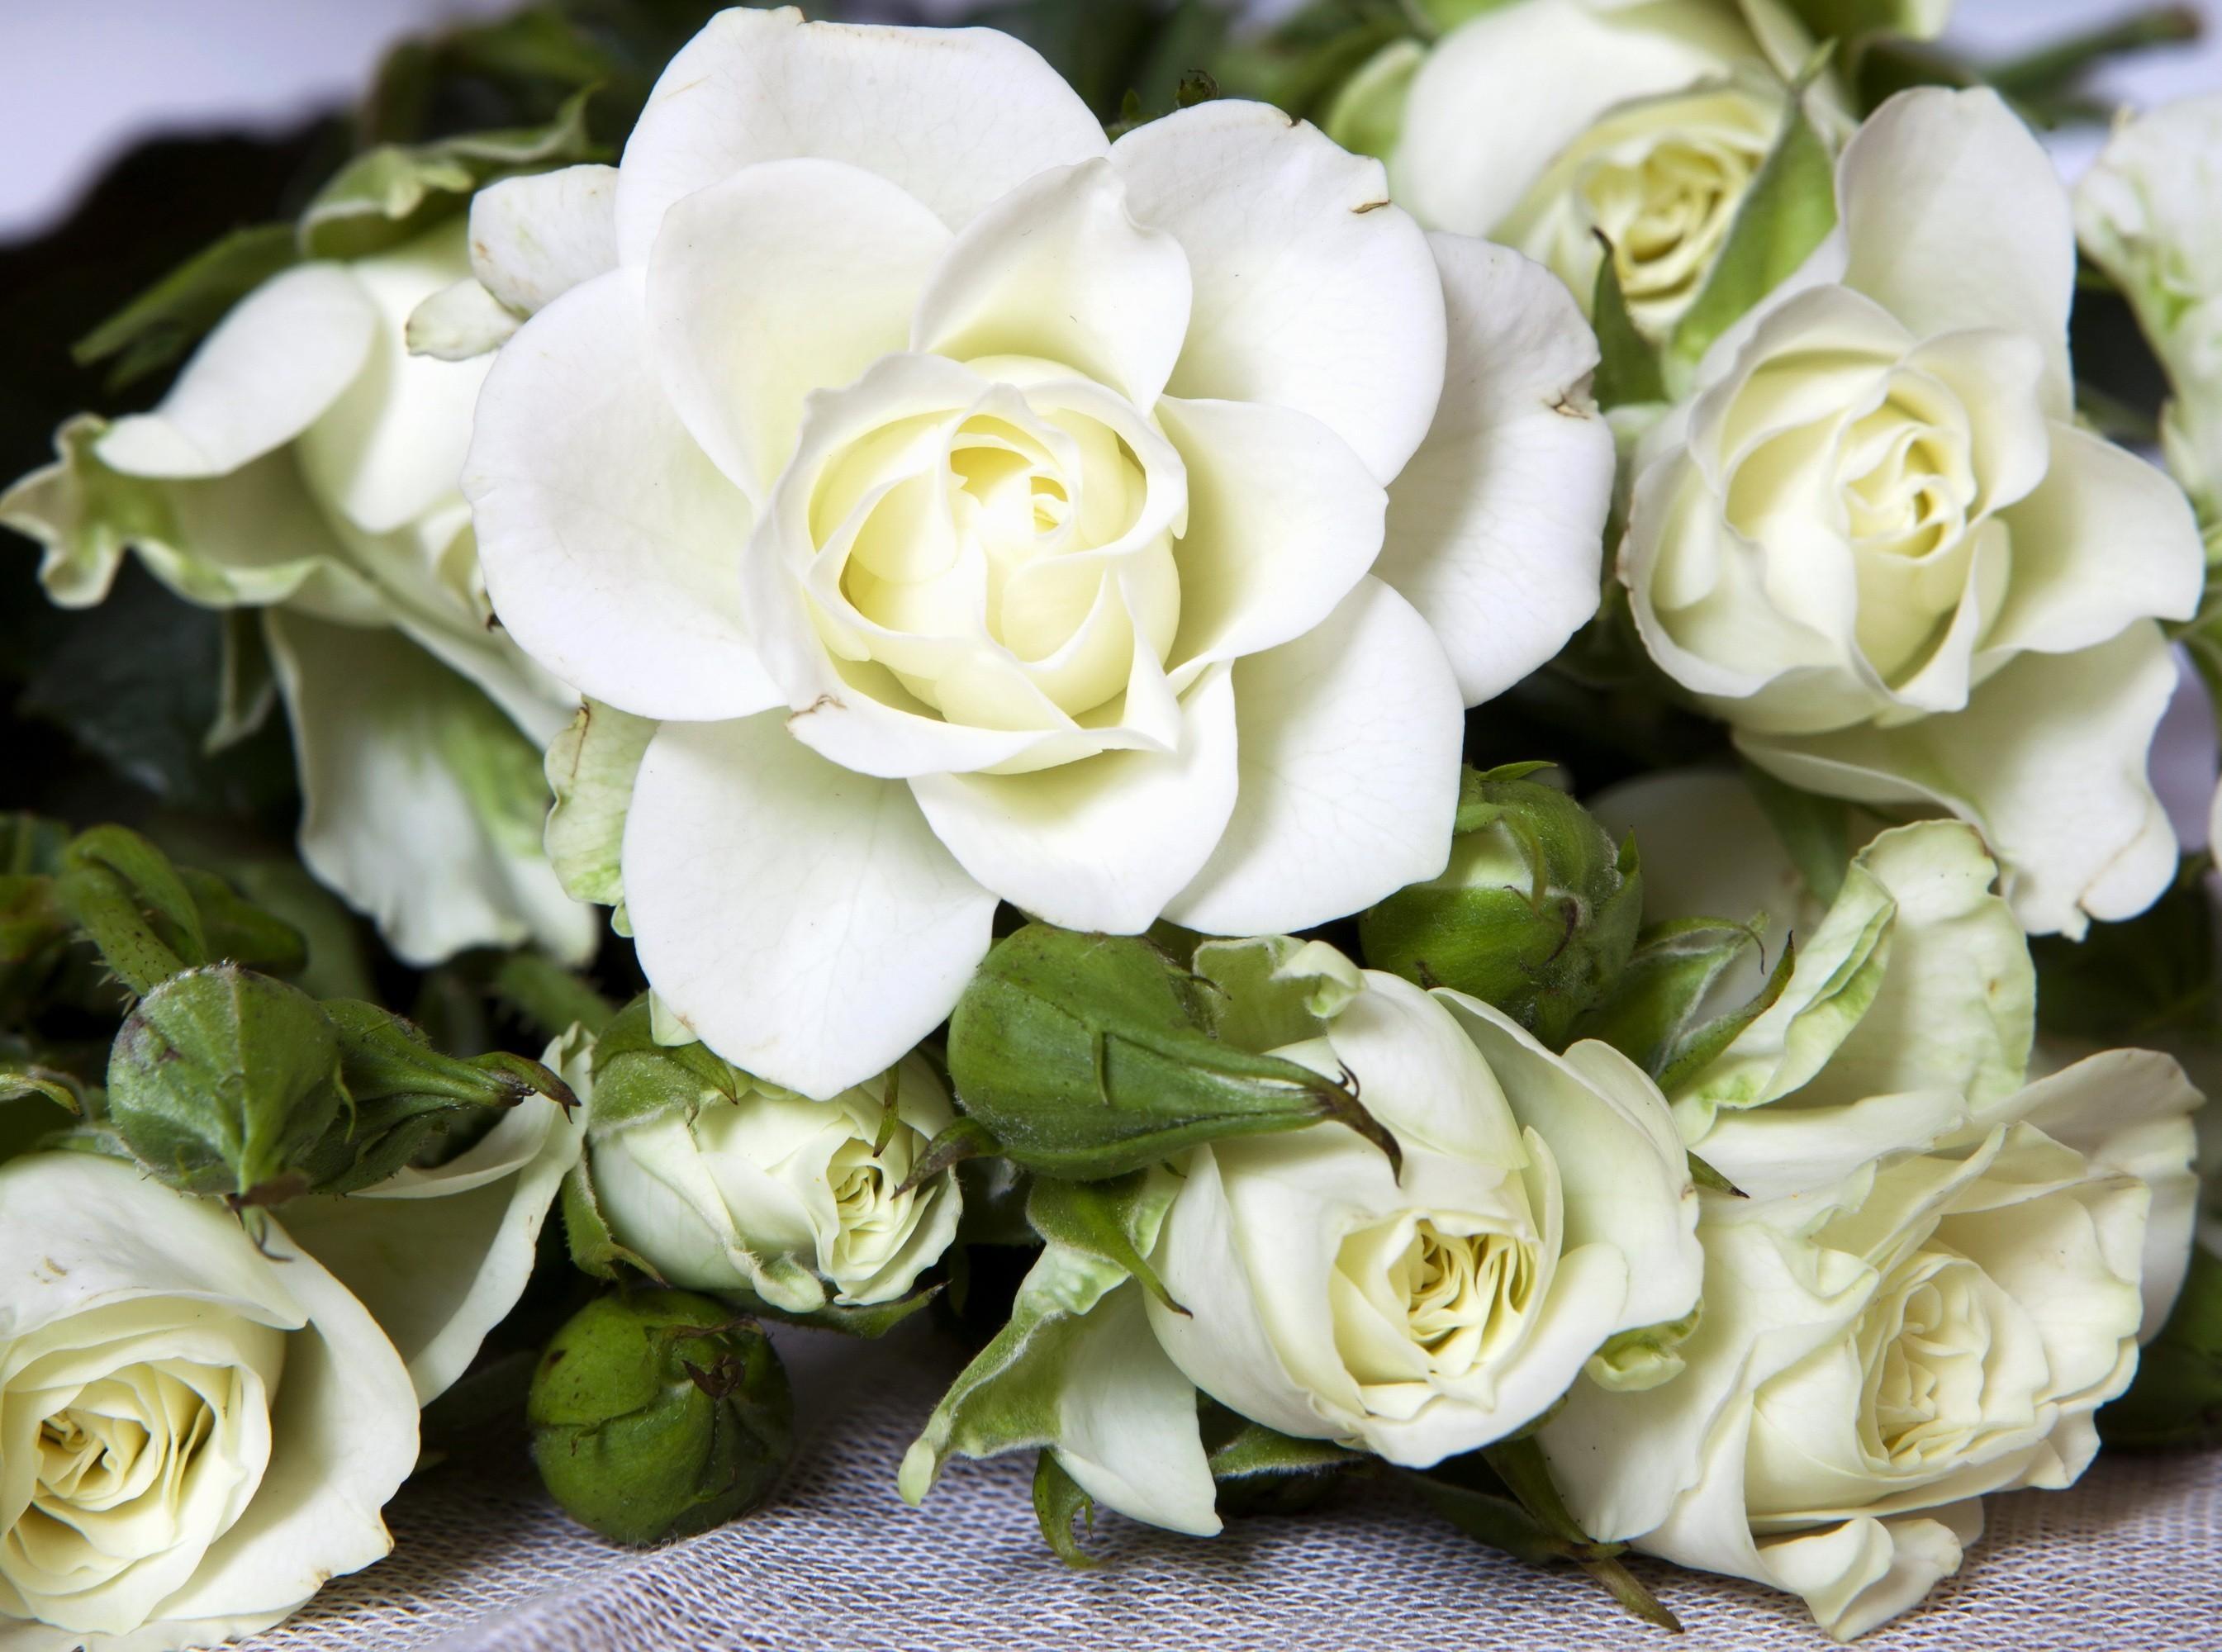 существует фото на тему шикарные белые розы подбора марке, модели